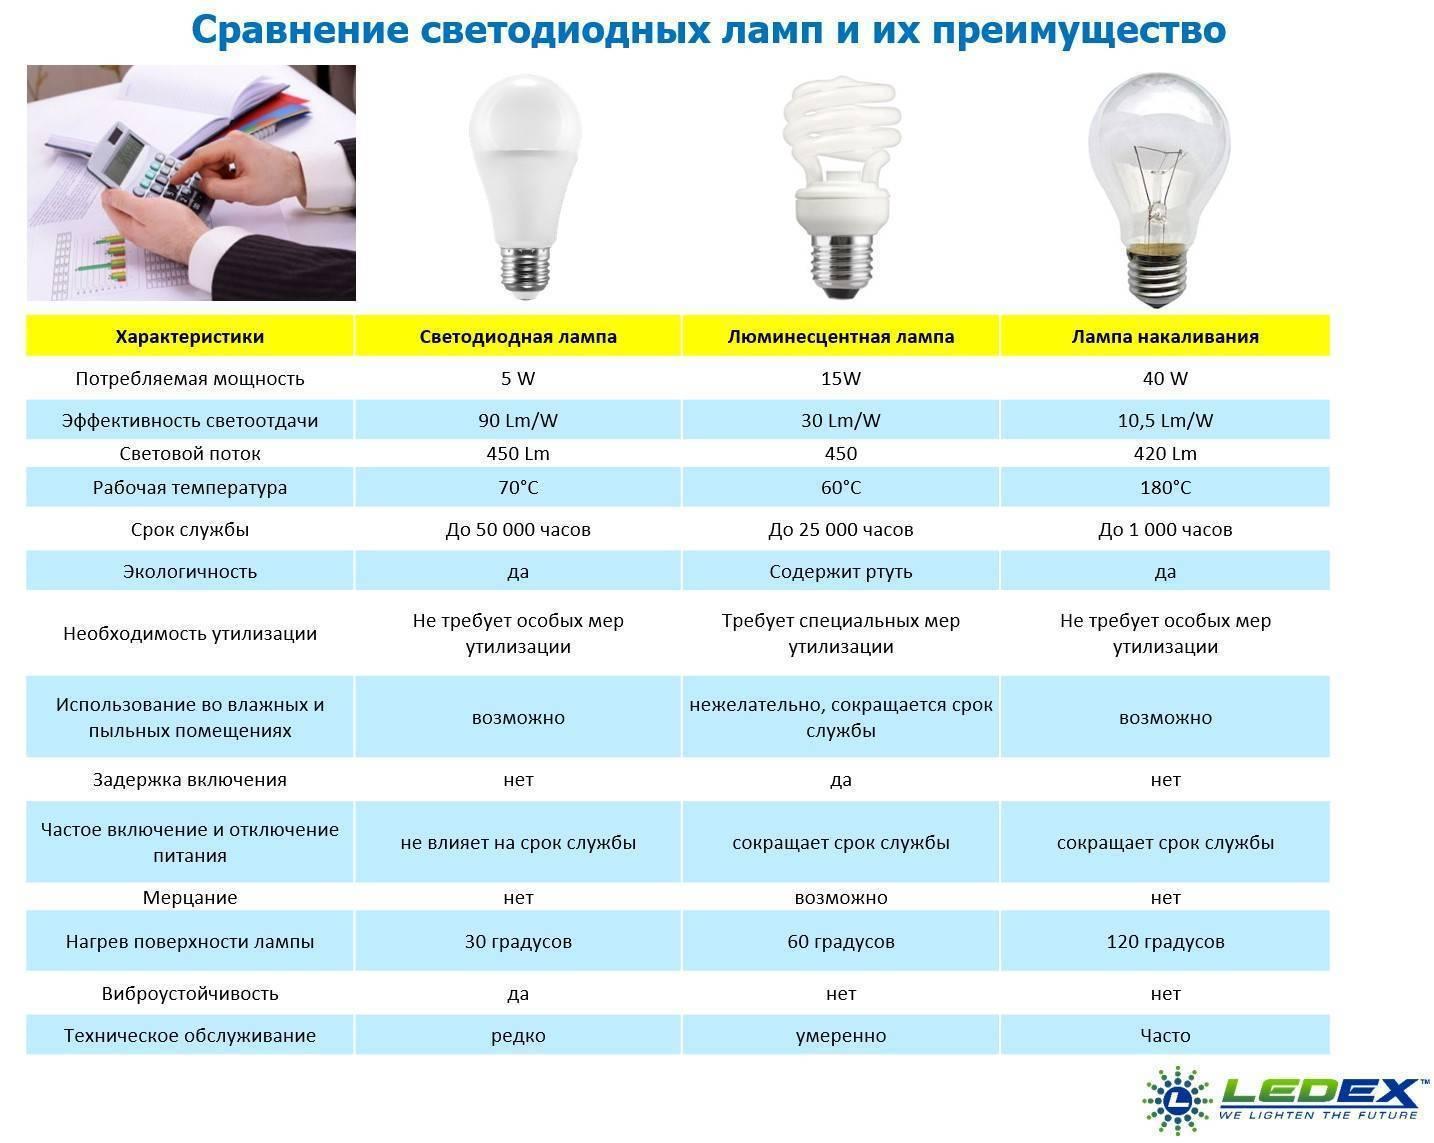 Какие лампочки лучше, светодиодные или энергосберегающие